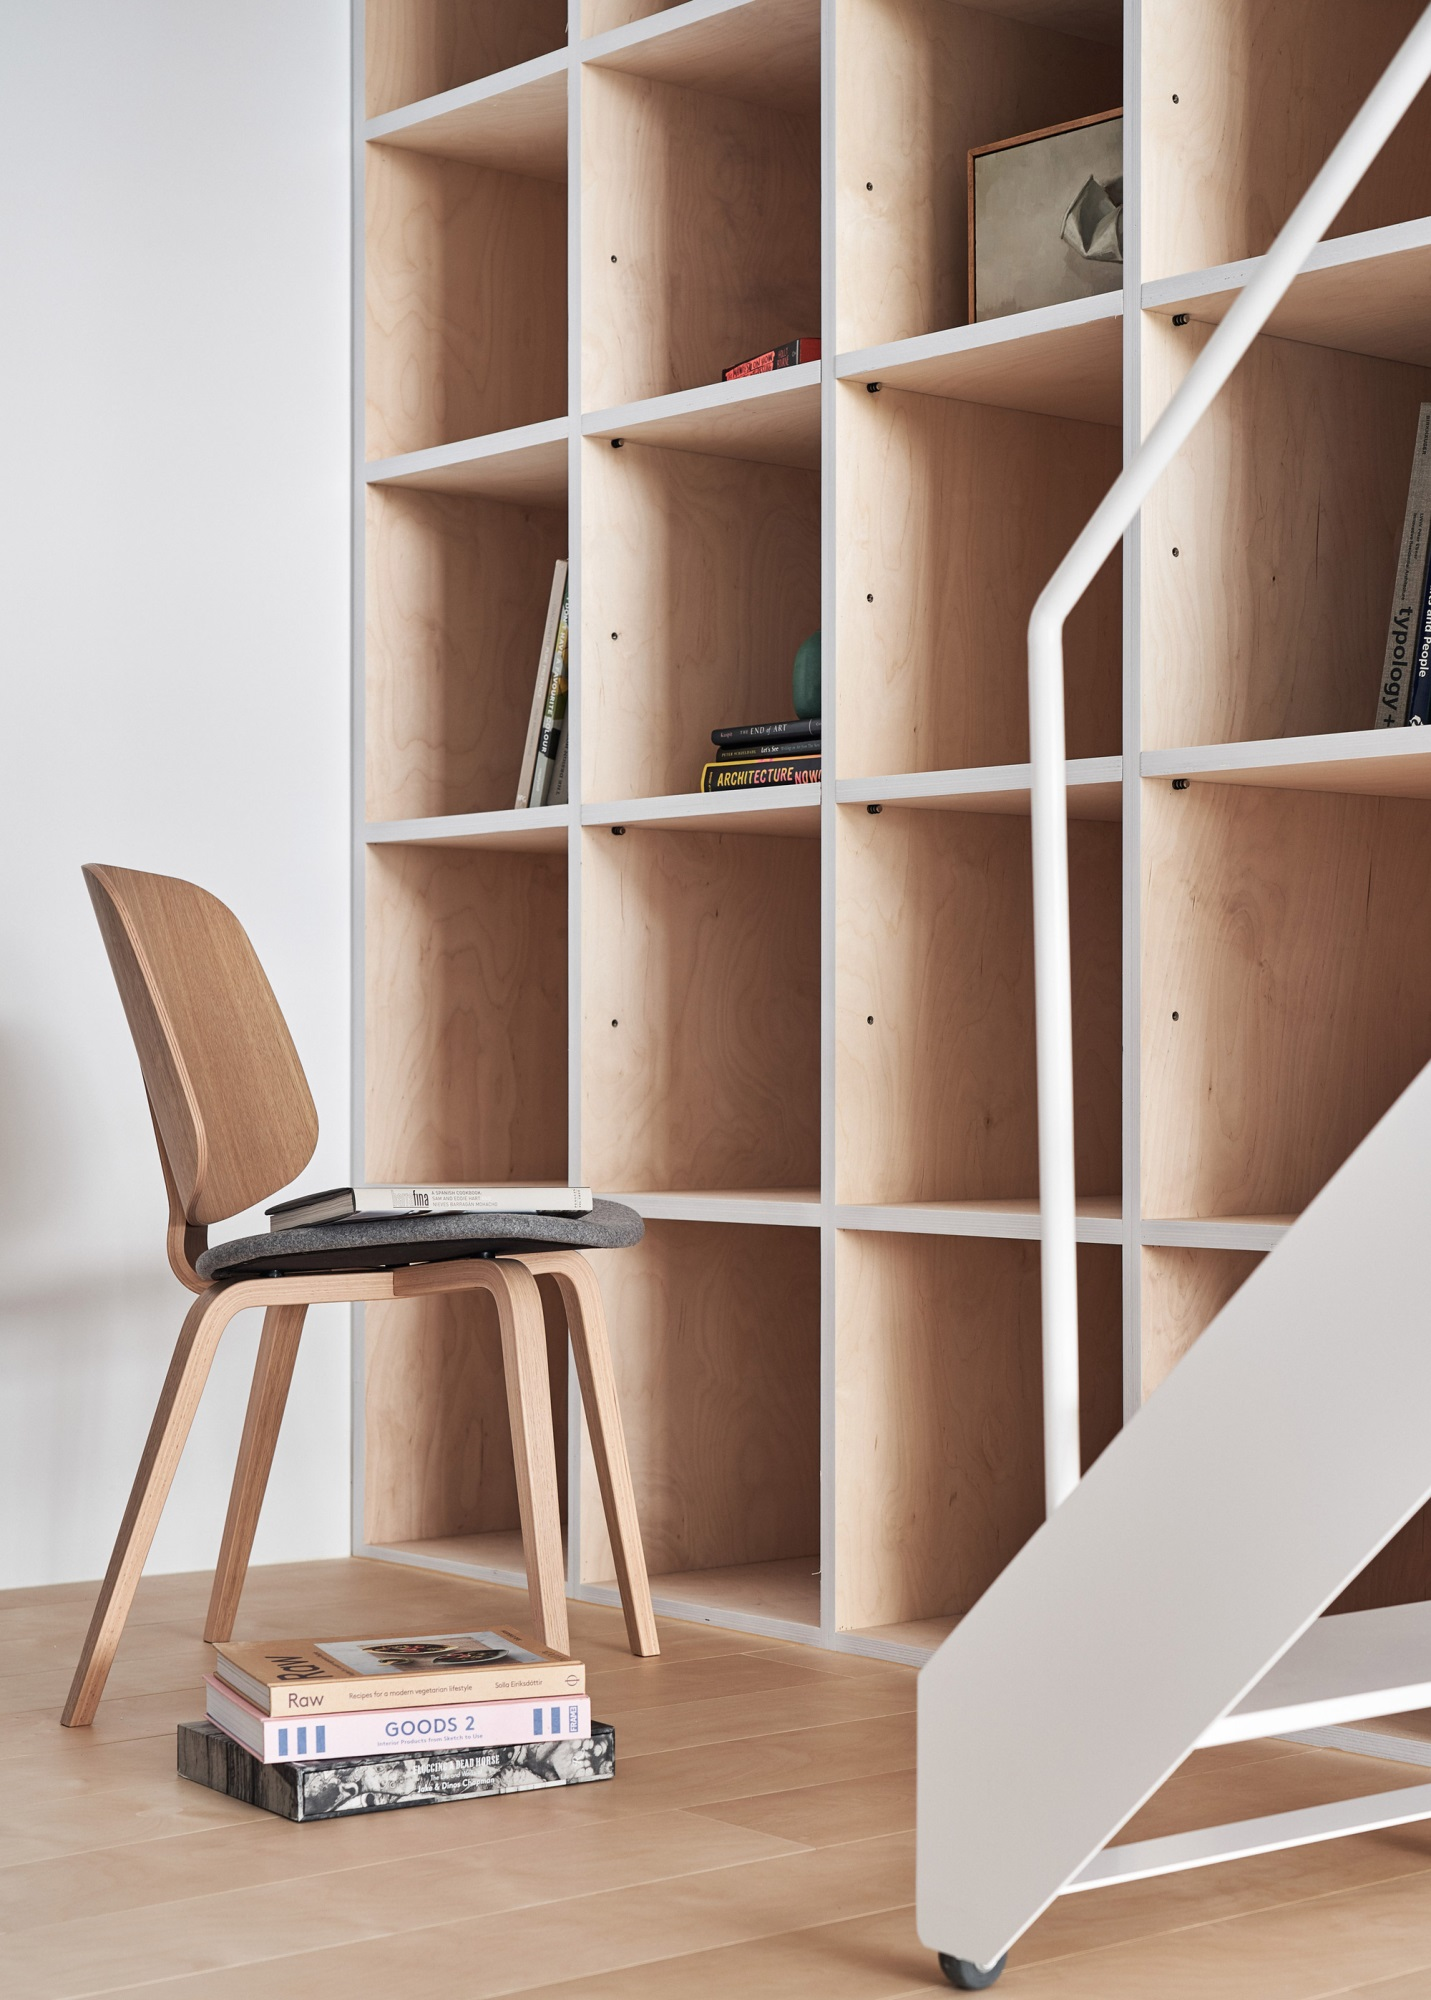 Căn hộ rộng 33m² siêu ấn tượng từ cách thiết kế đến bài trí nội thất - Ảnh 4